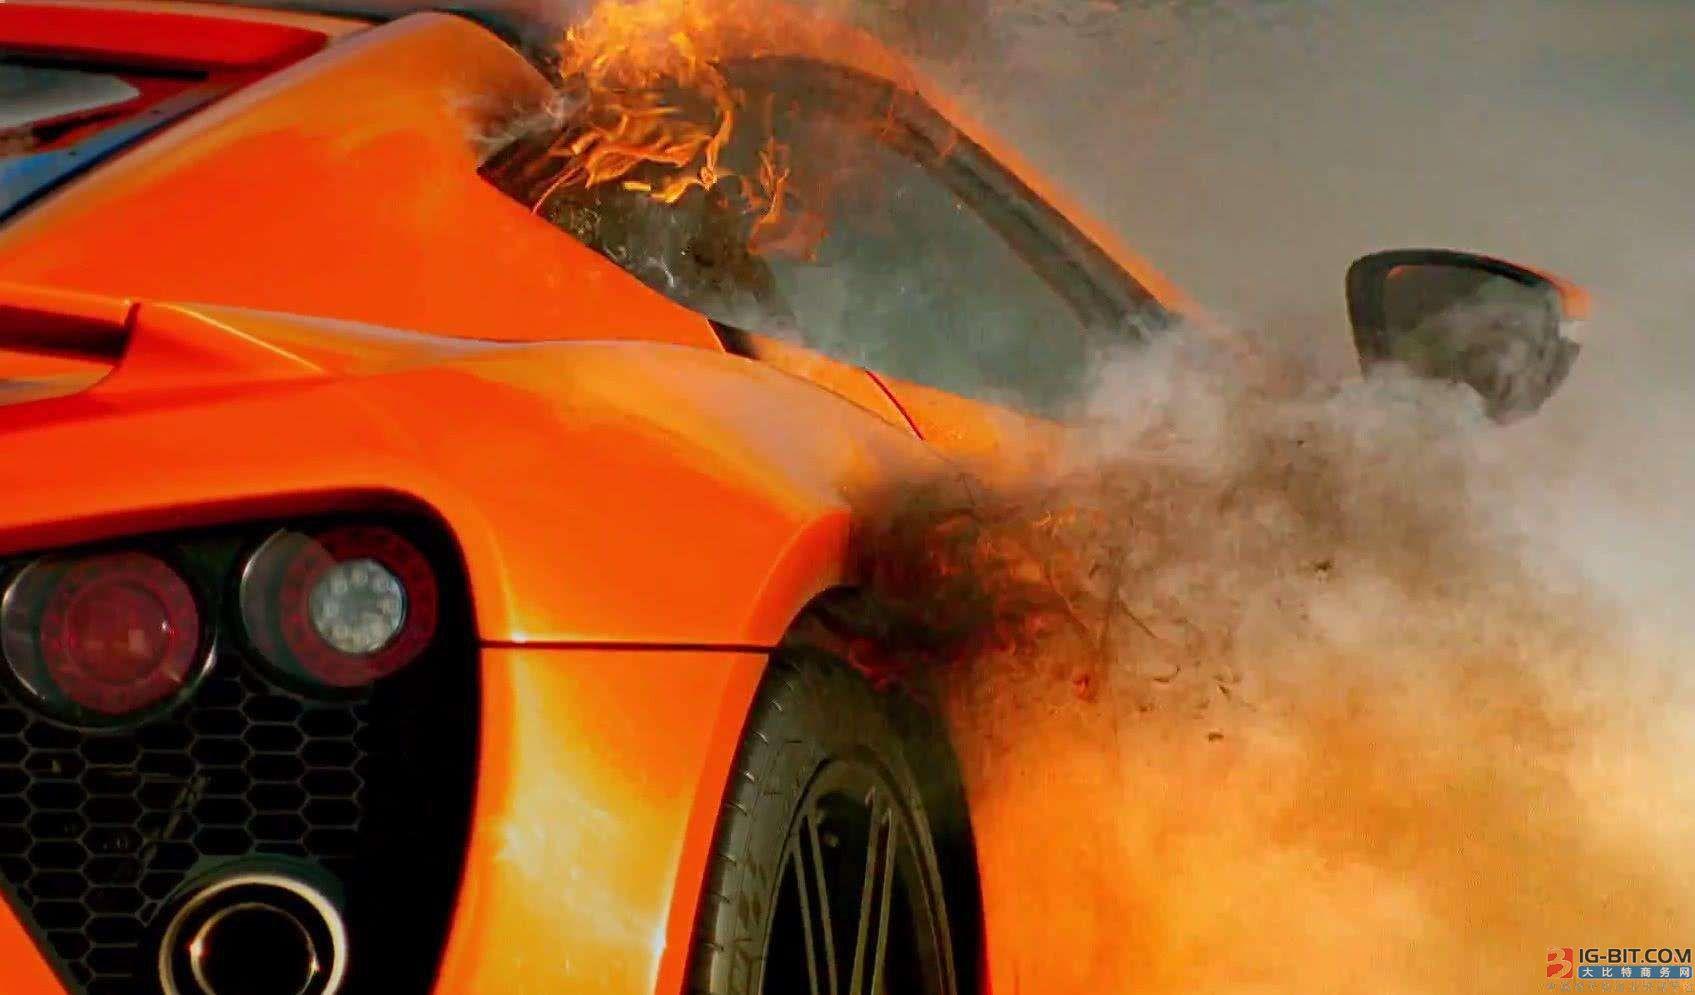 电动汽车起火燃烧